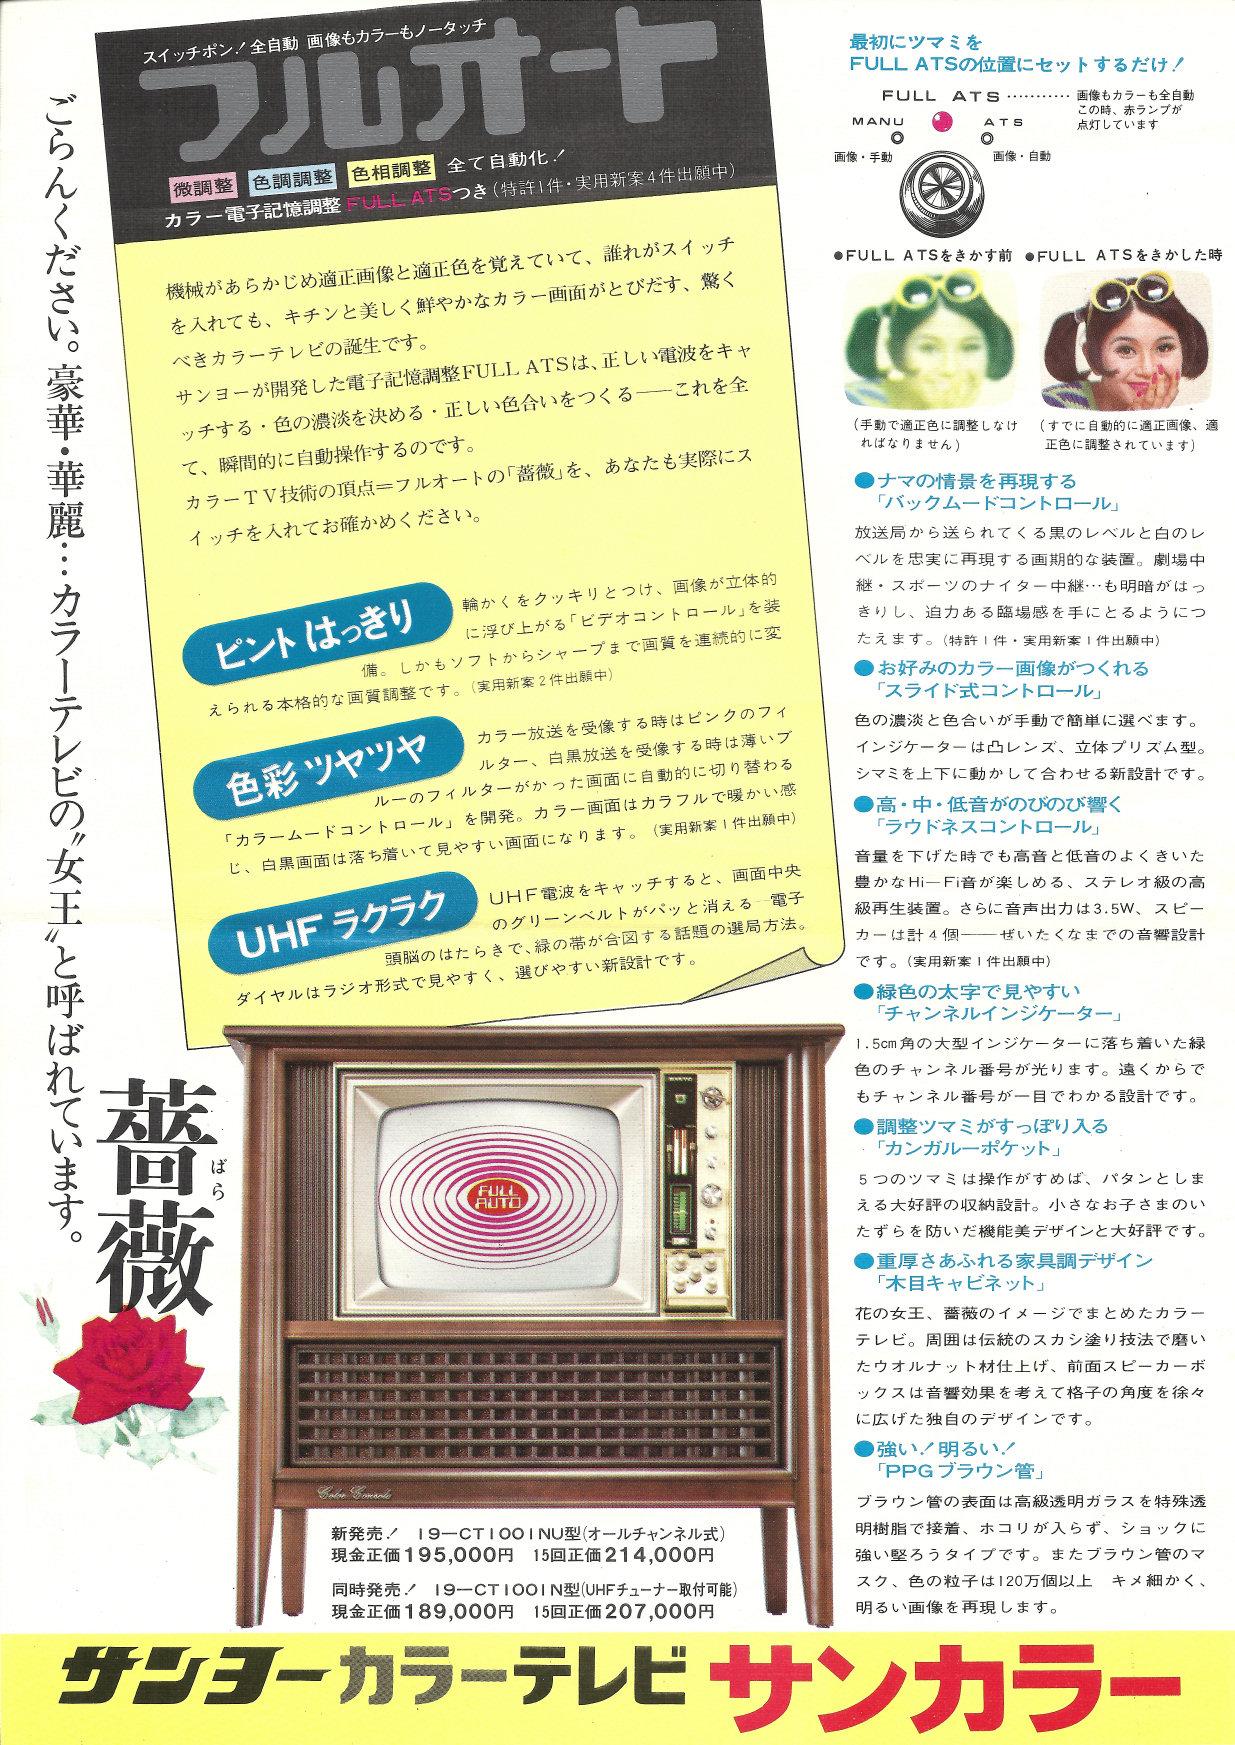 http://tokyosky.to/tokyosky_webmasters_blog/2014/05/06/blogimage/suncolor2.jpg